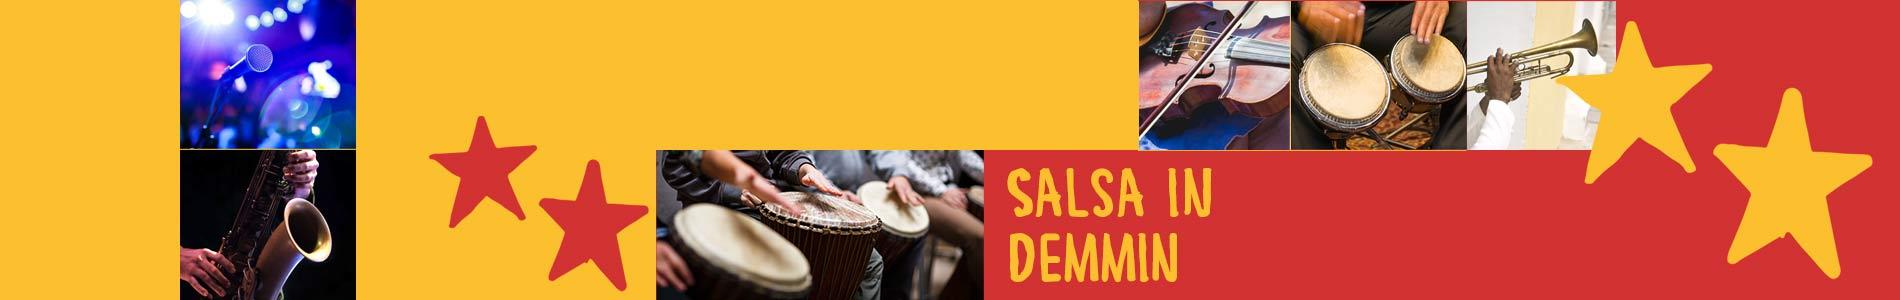 Salsa in Demmin – Salsa lernen und tanzen, Tanzkurse, Partys, Veranstaltungen